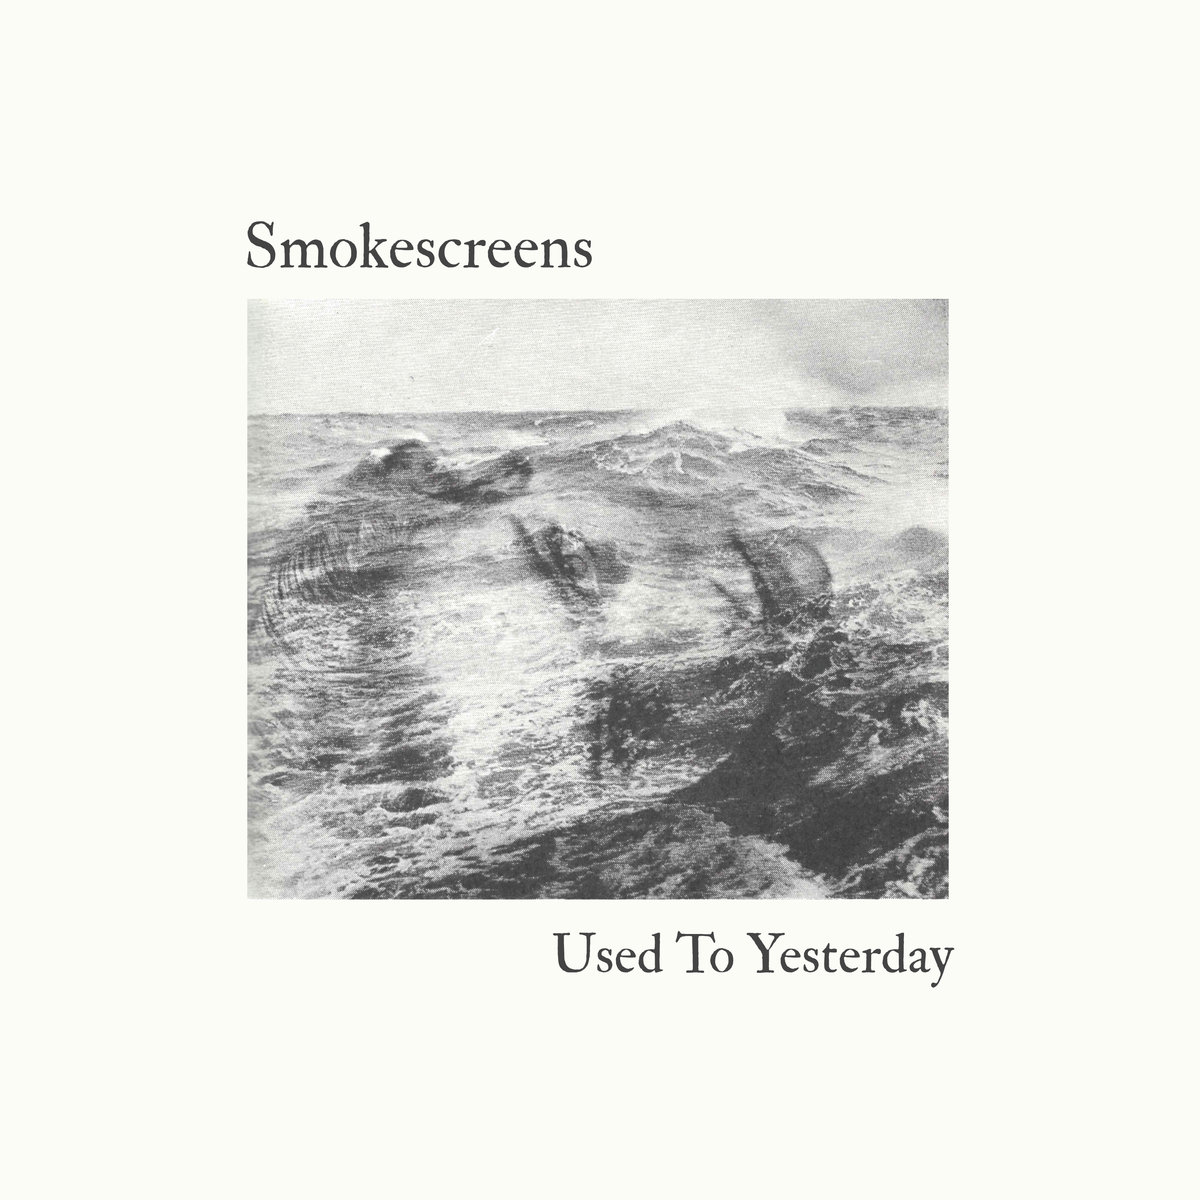 SMOKESCREENS «Used To Yesterday» ÁLBUM DE JULIO 2018